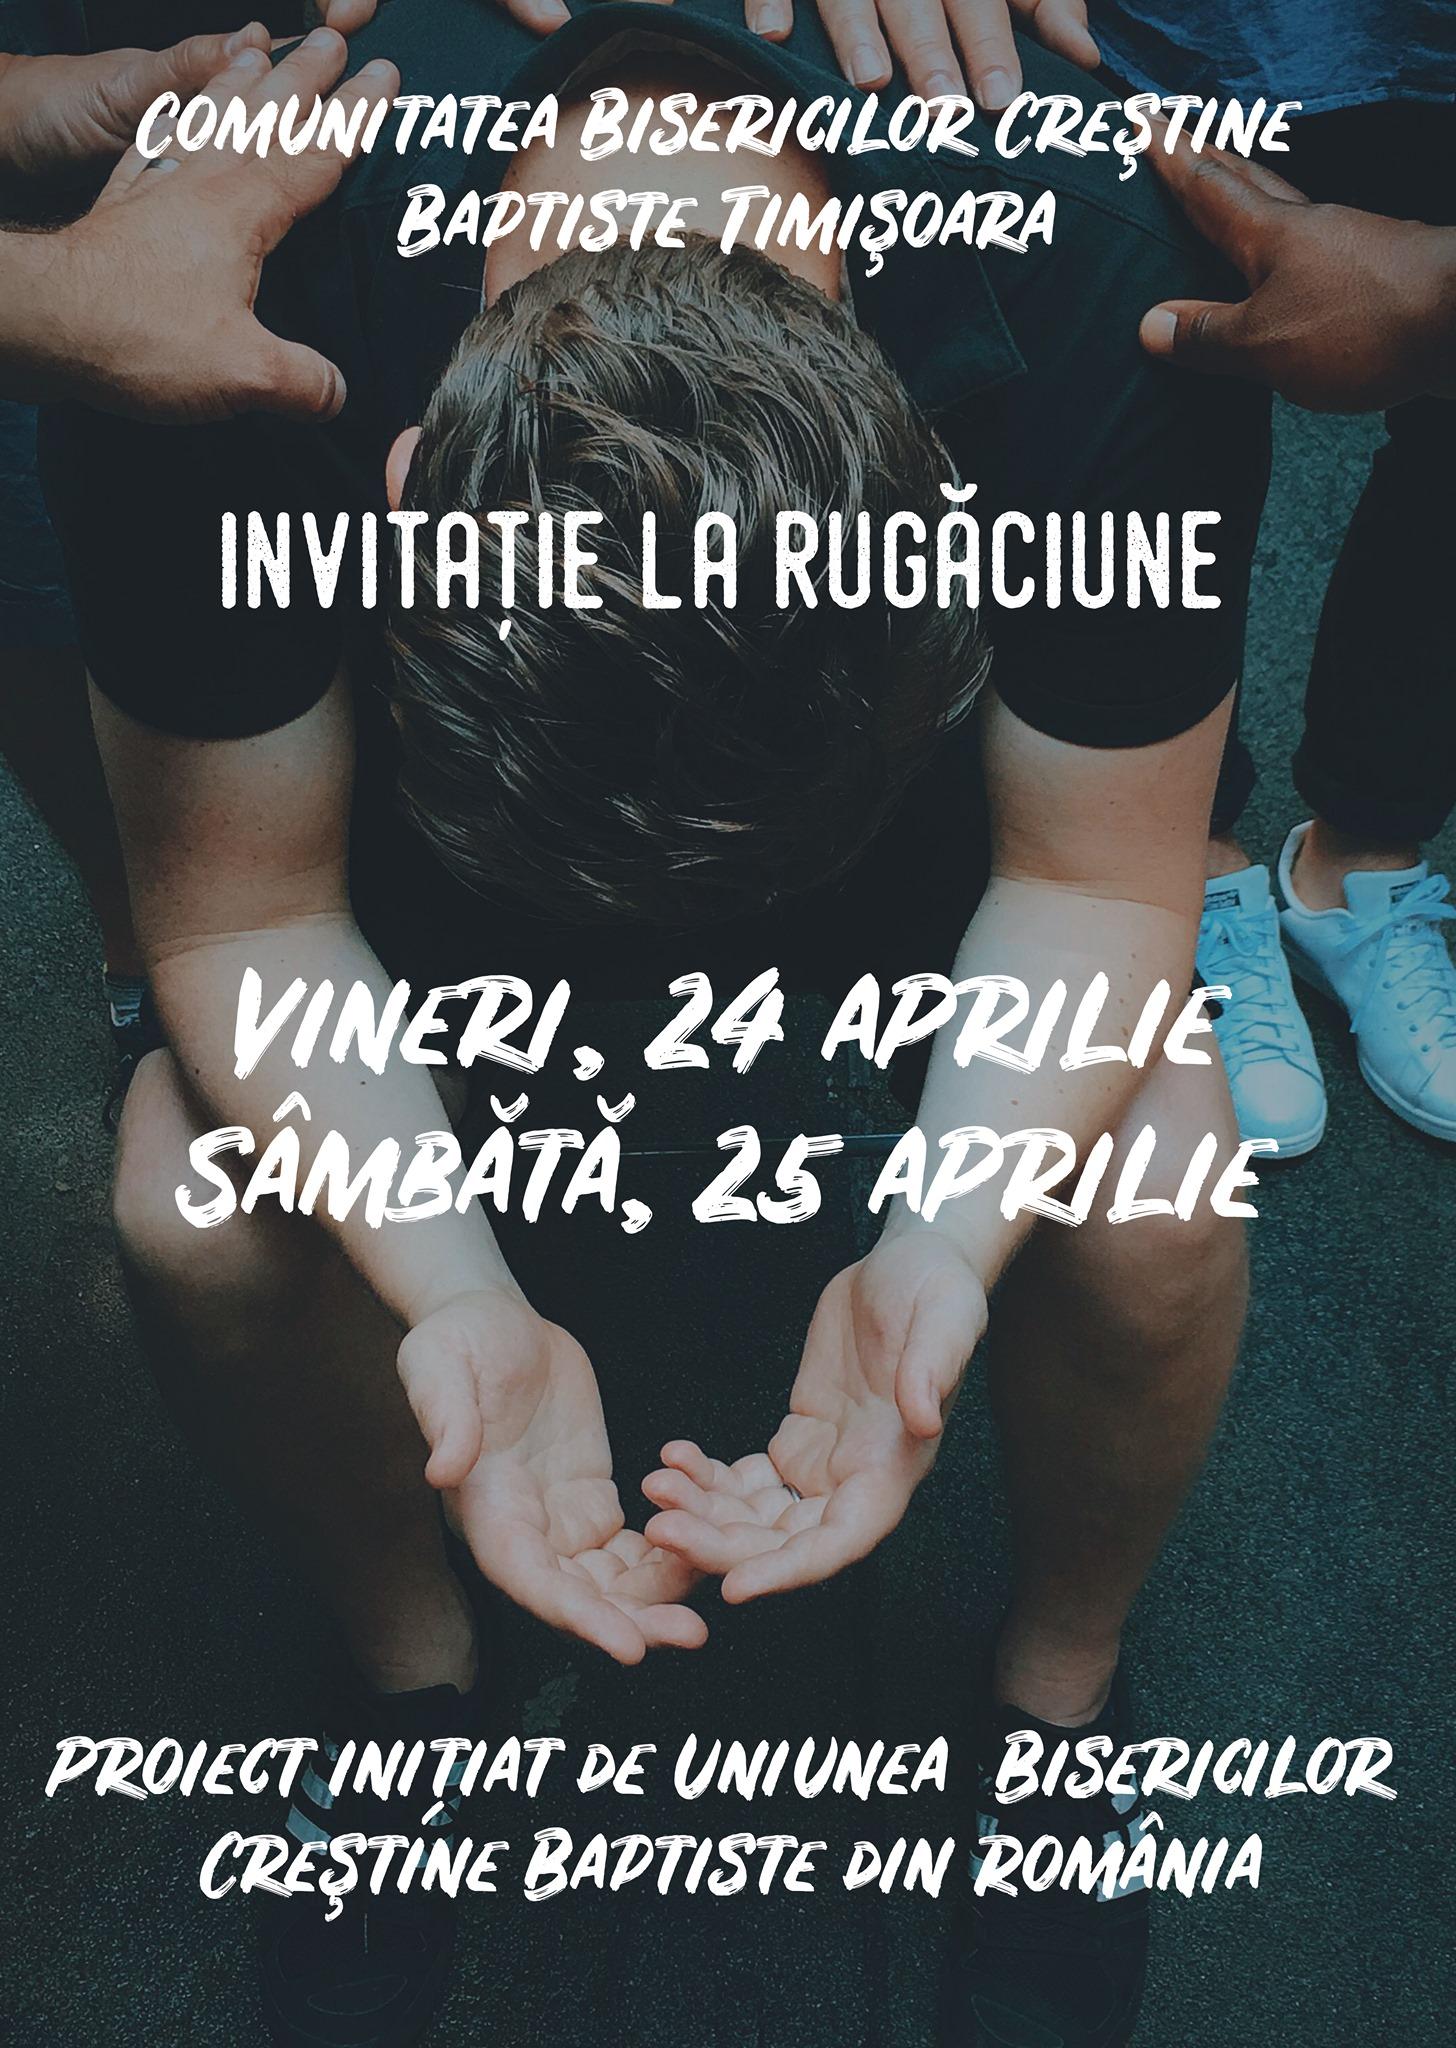 Invitație la rugăciune